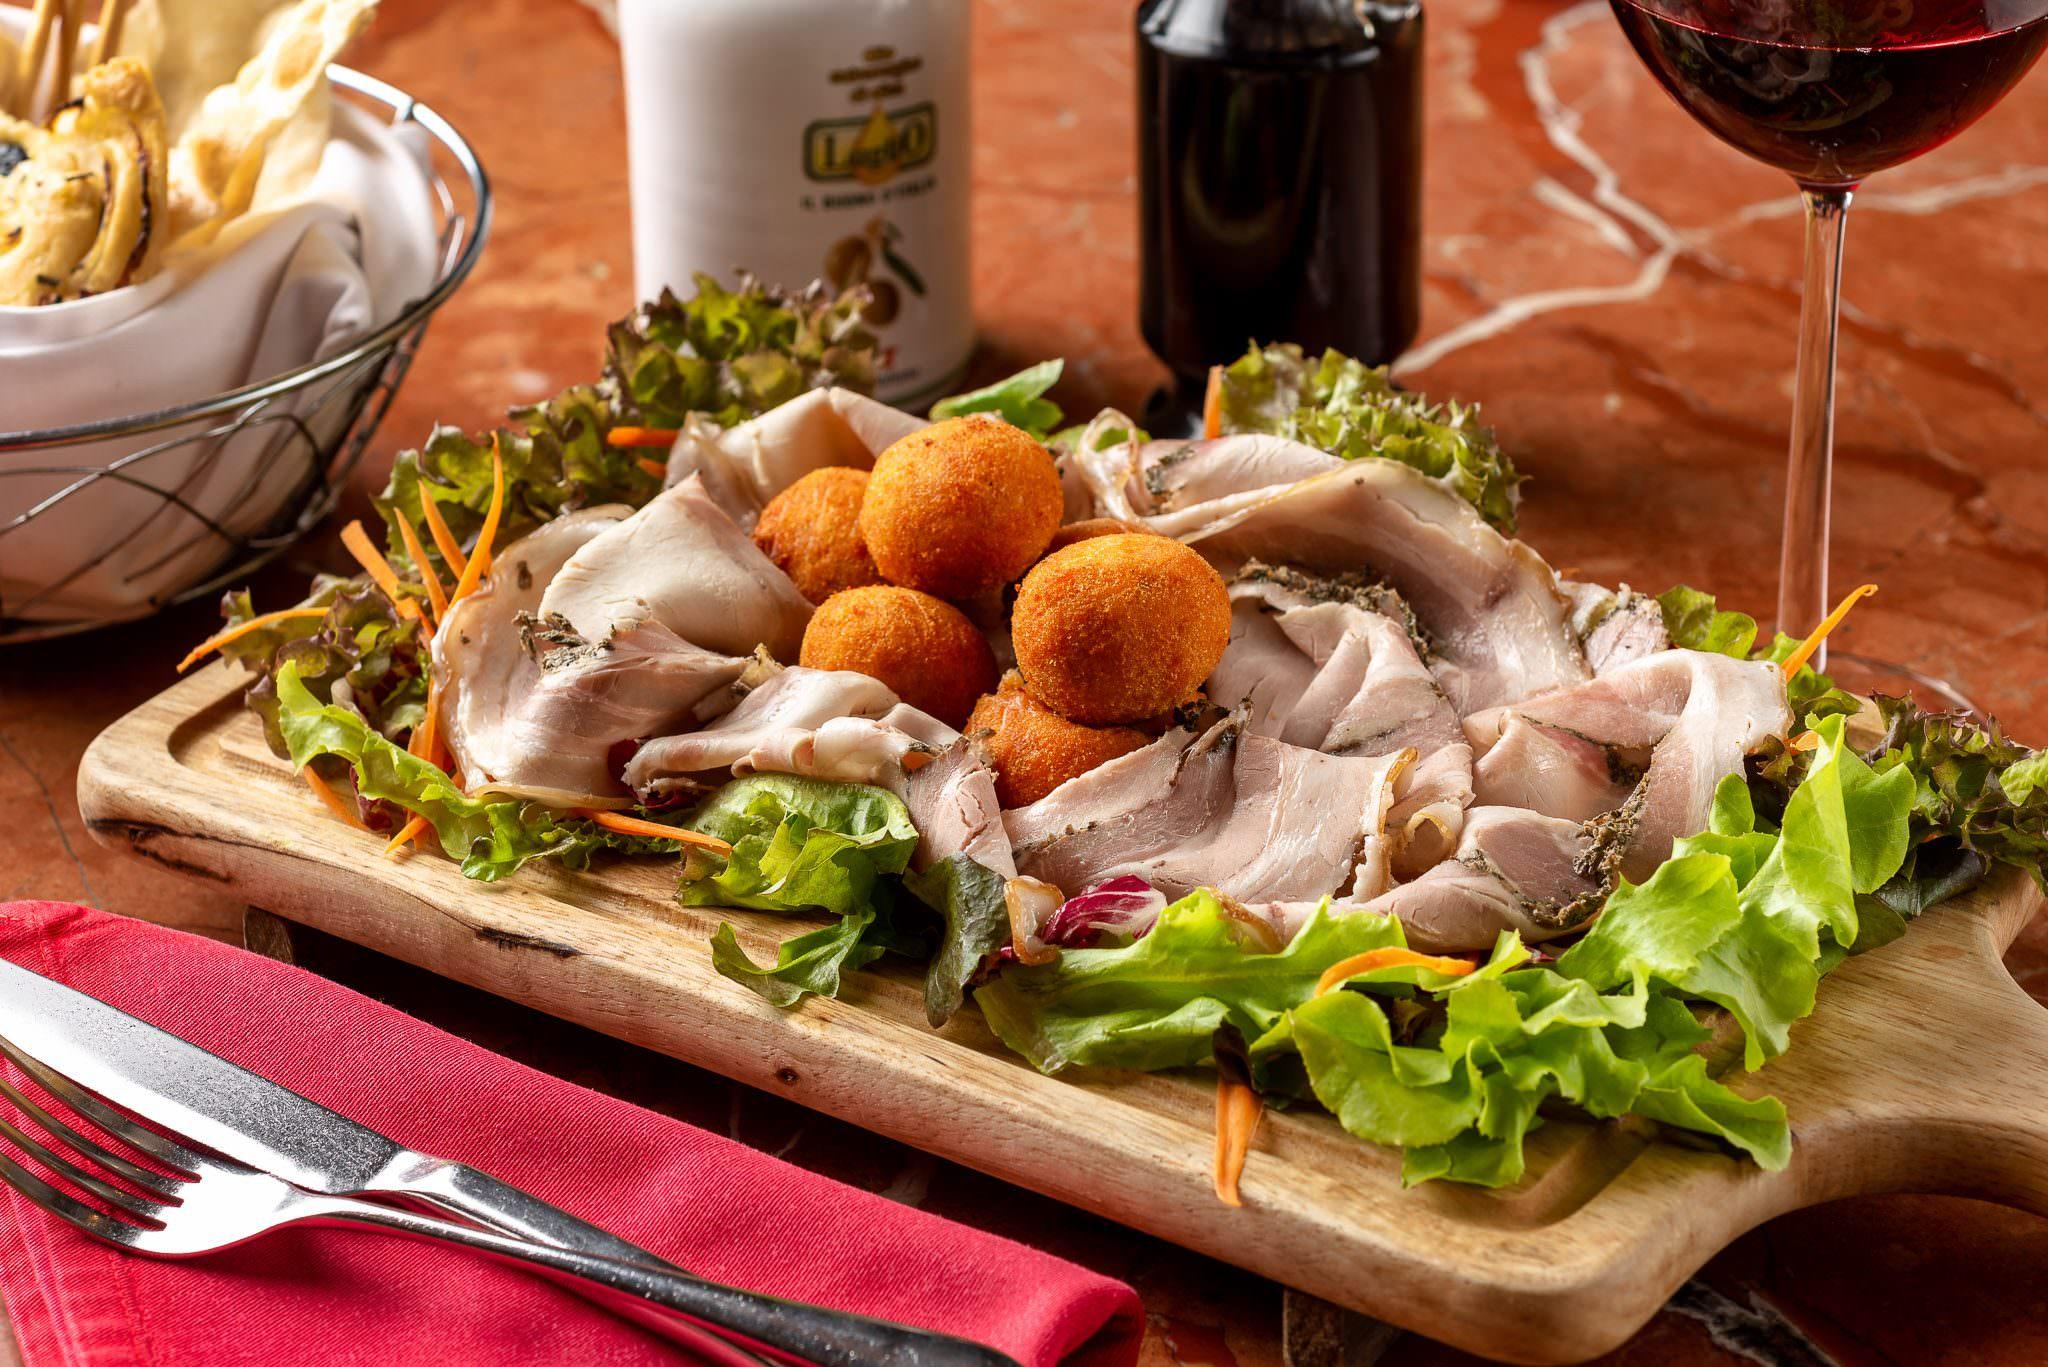 Traditional Porchetta Romana and Arancini di Riso with spicy Nduja Calabrese sausage and mozzarella cheese.